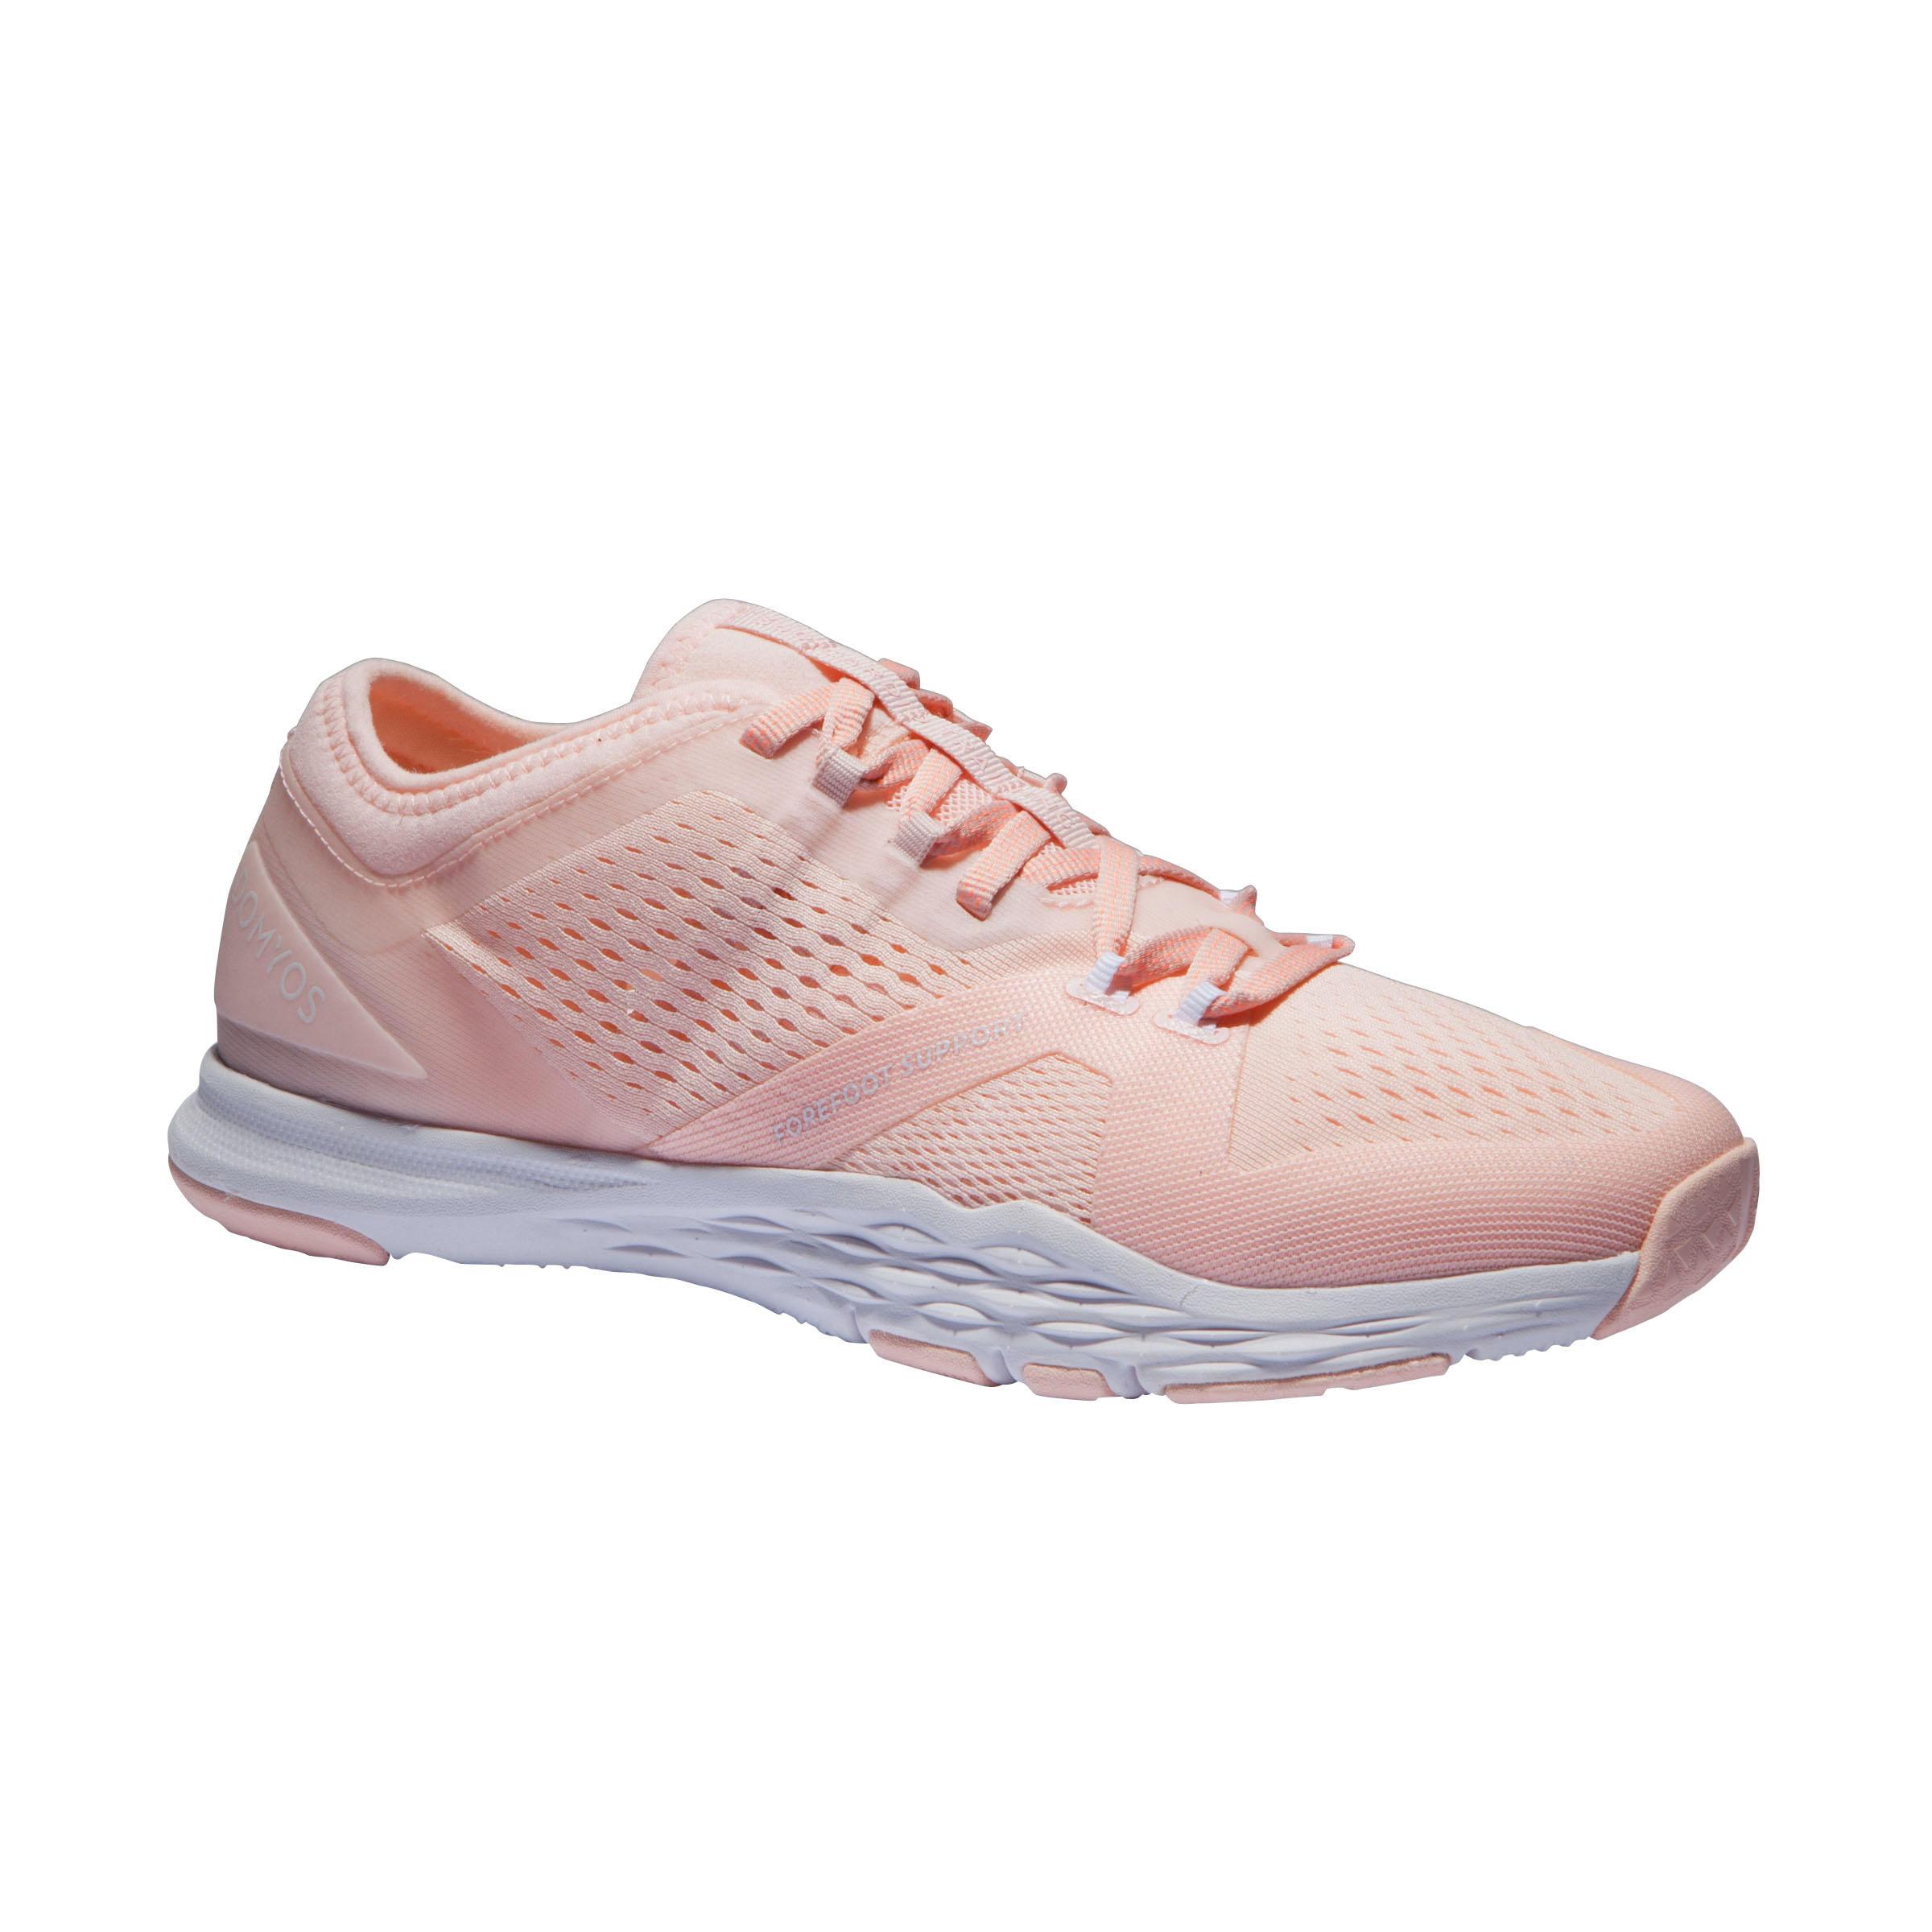 9c0cd953f43 Comprar Zapatillas de Fitness para Gimnasio Online | Decathlon